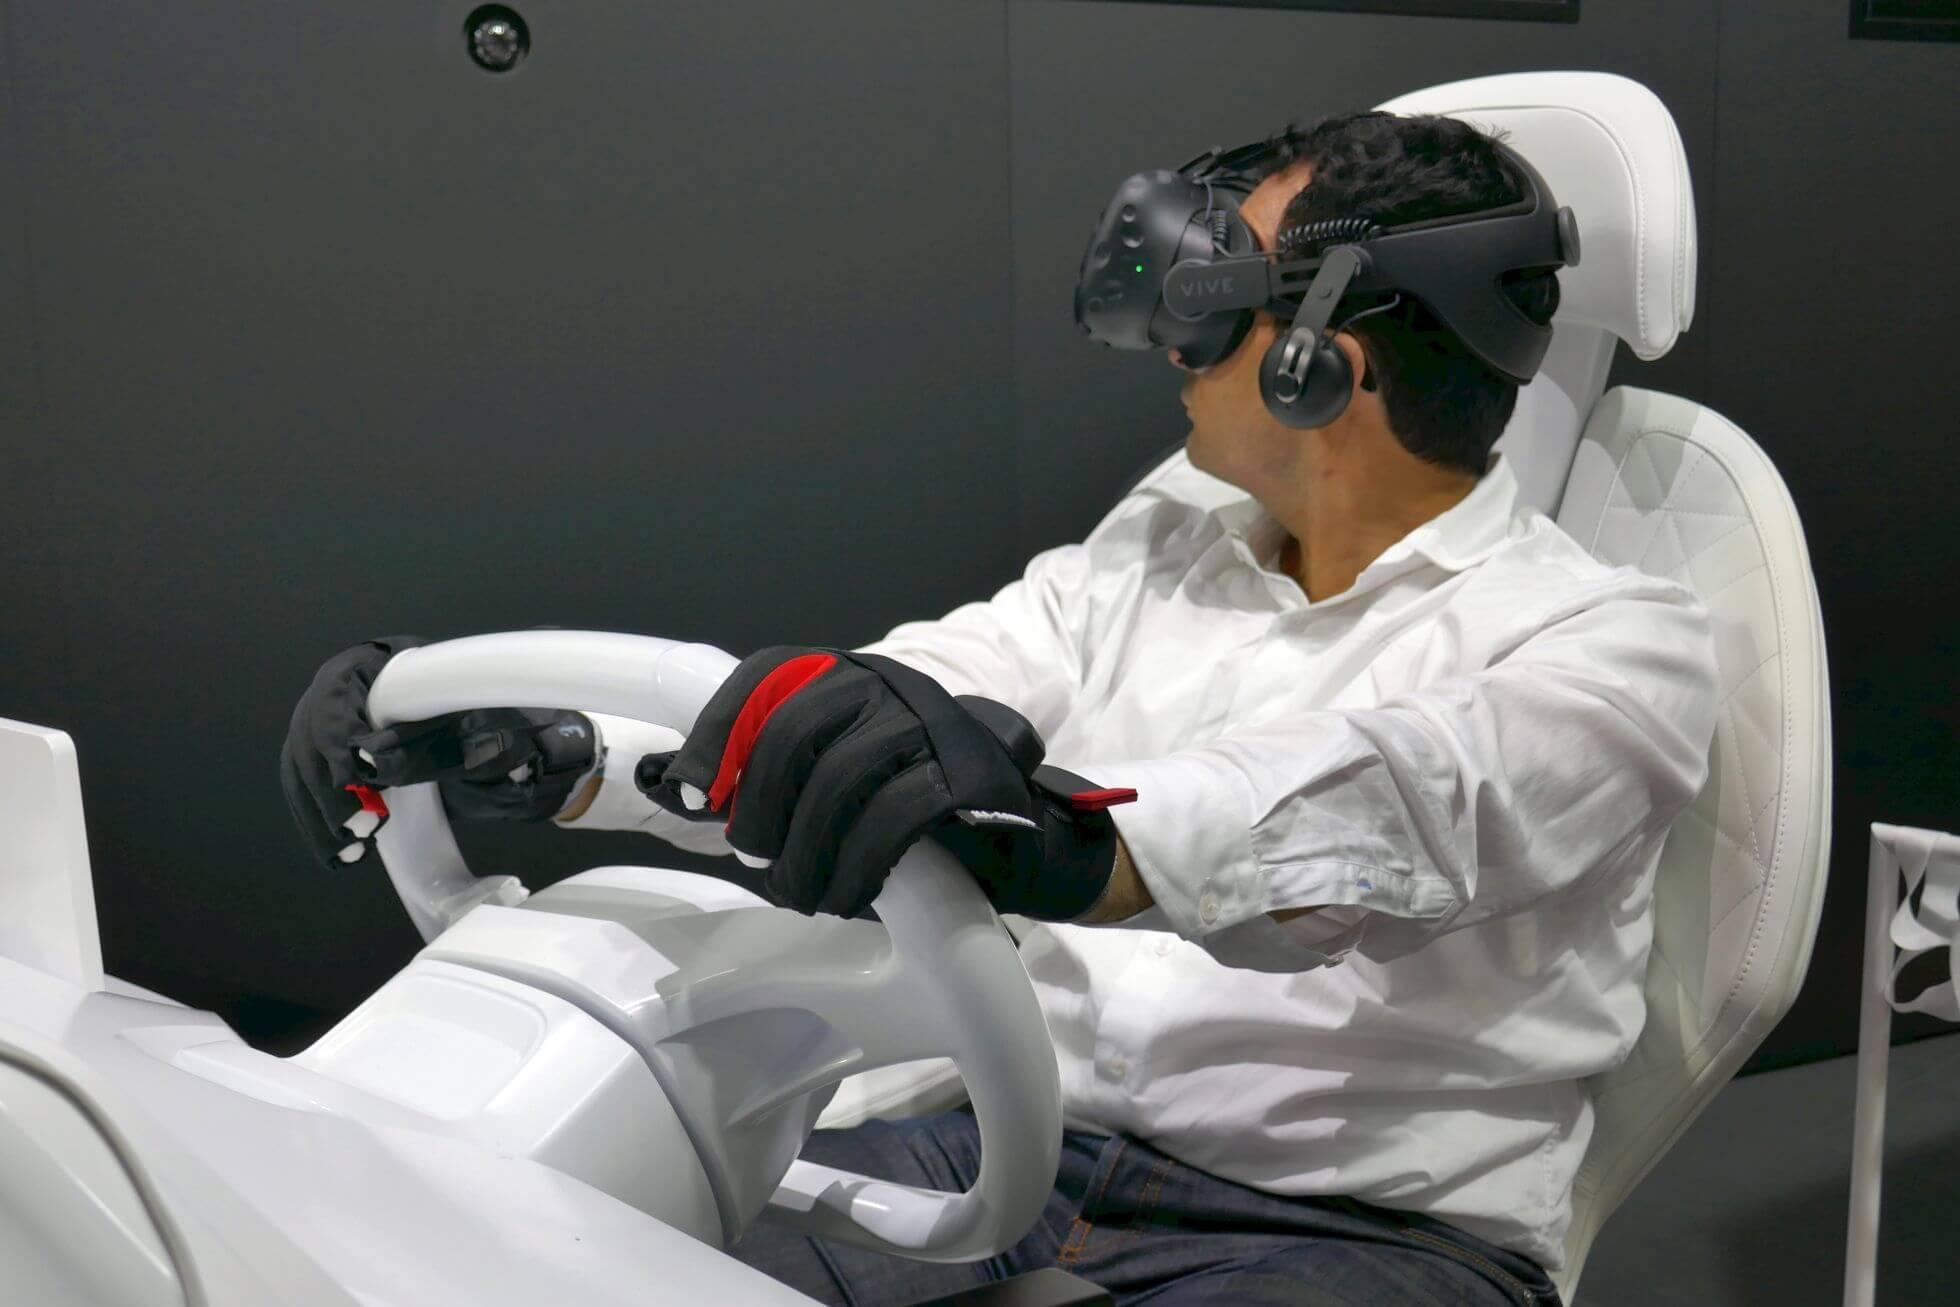 Dank Nutzung der Manus VR-Handschuhe sind die eigenen Hände relativ exakt in VR sicht- und einsetzbar.